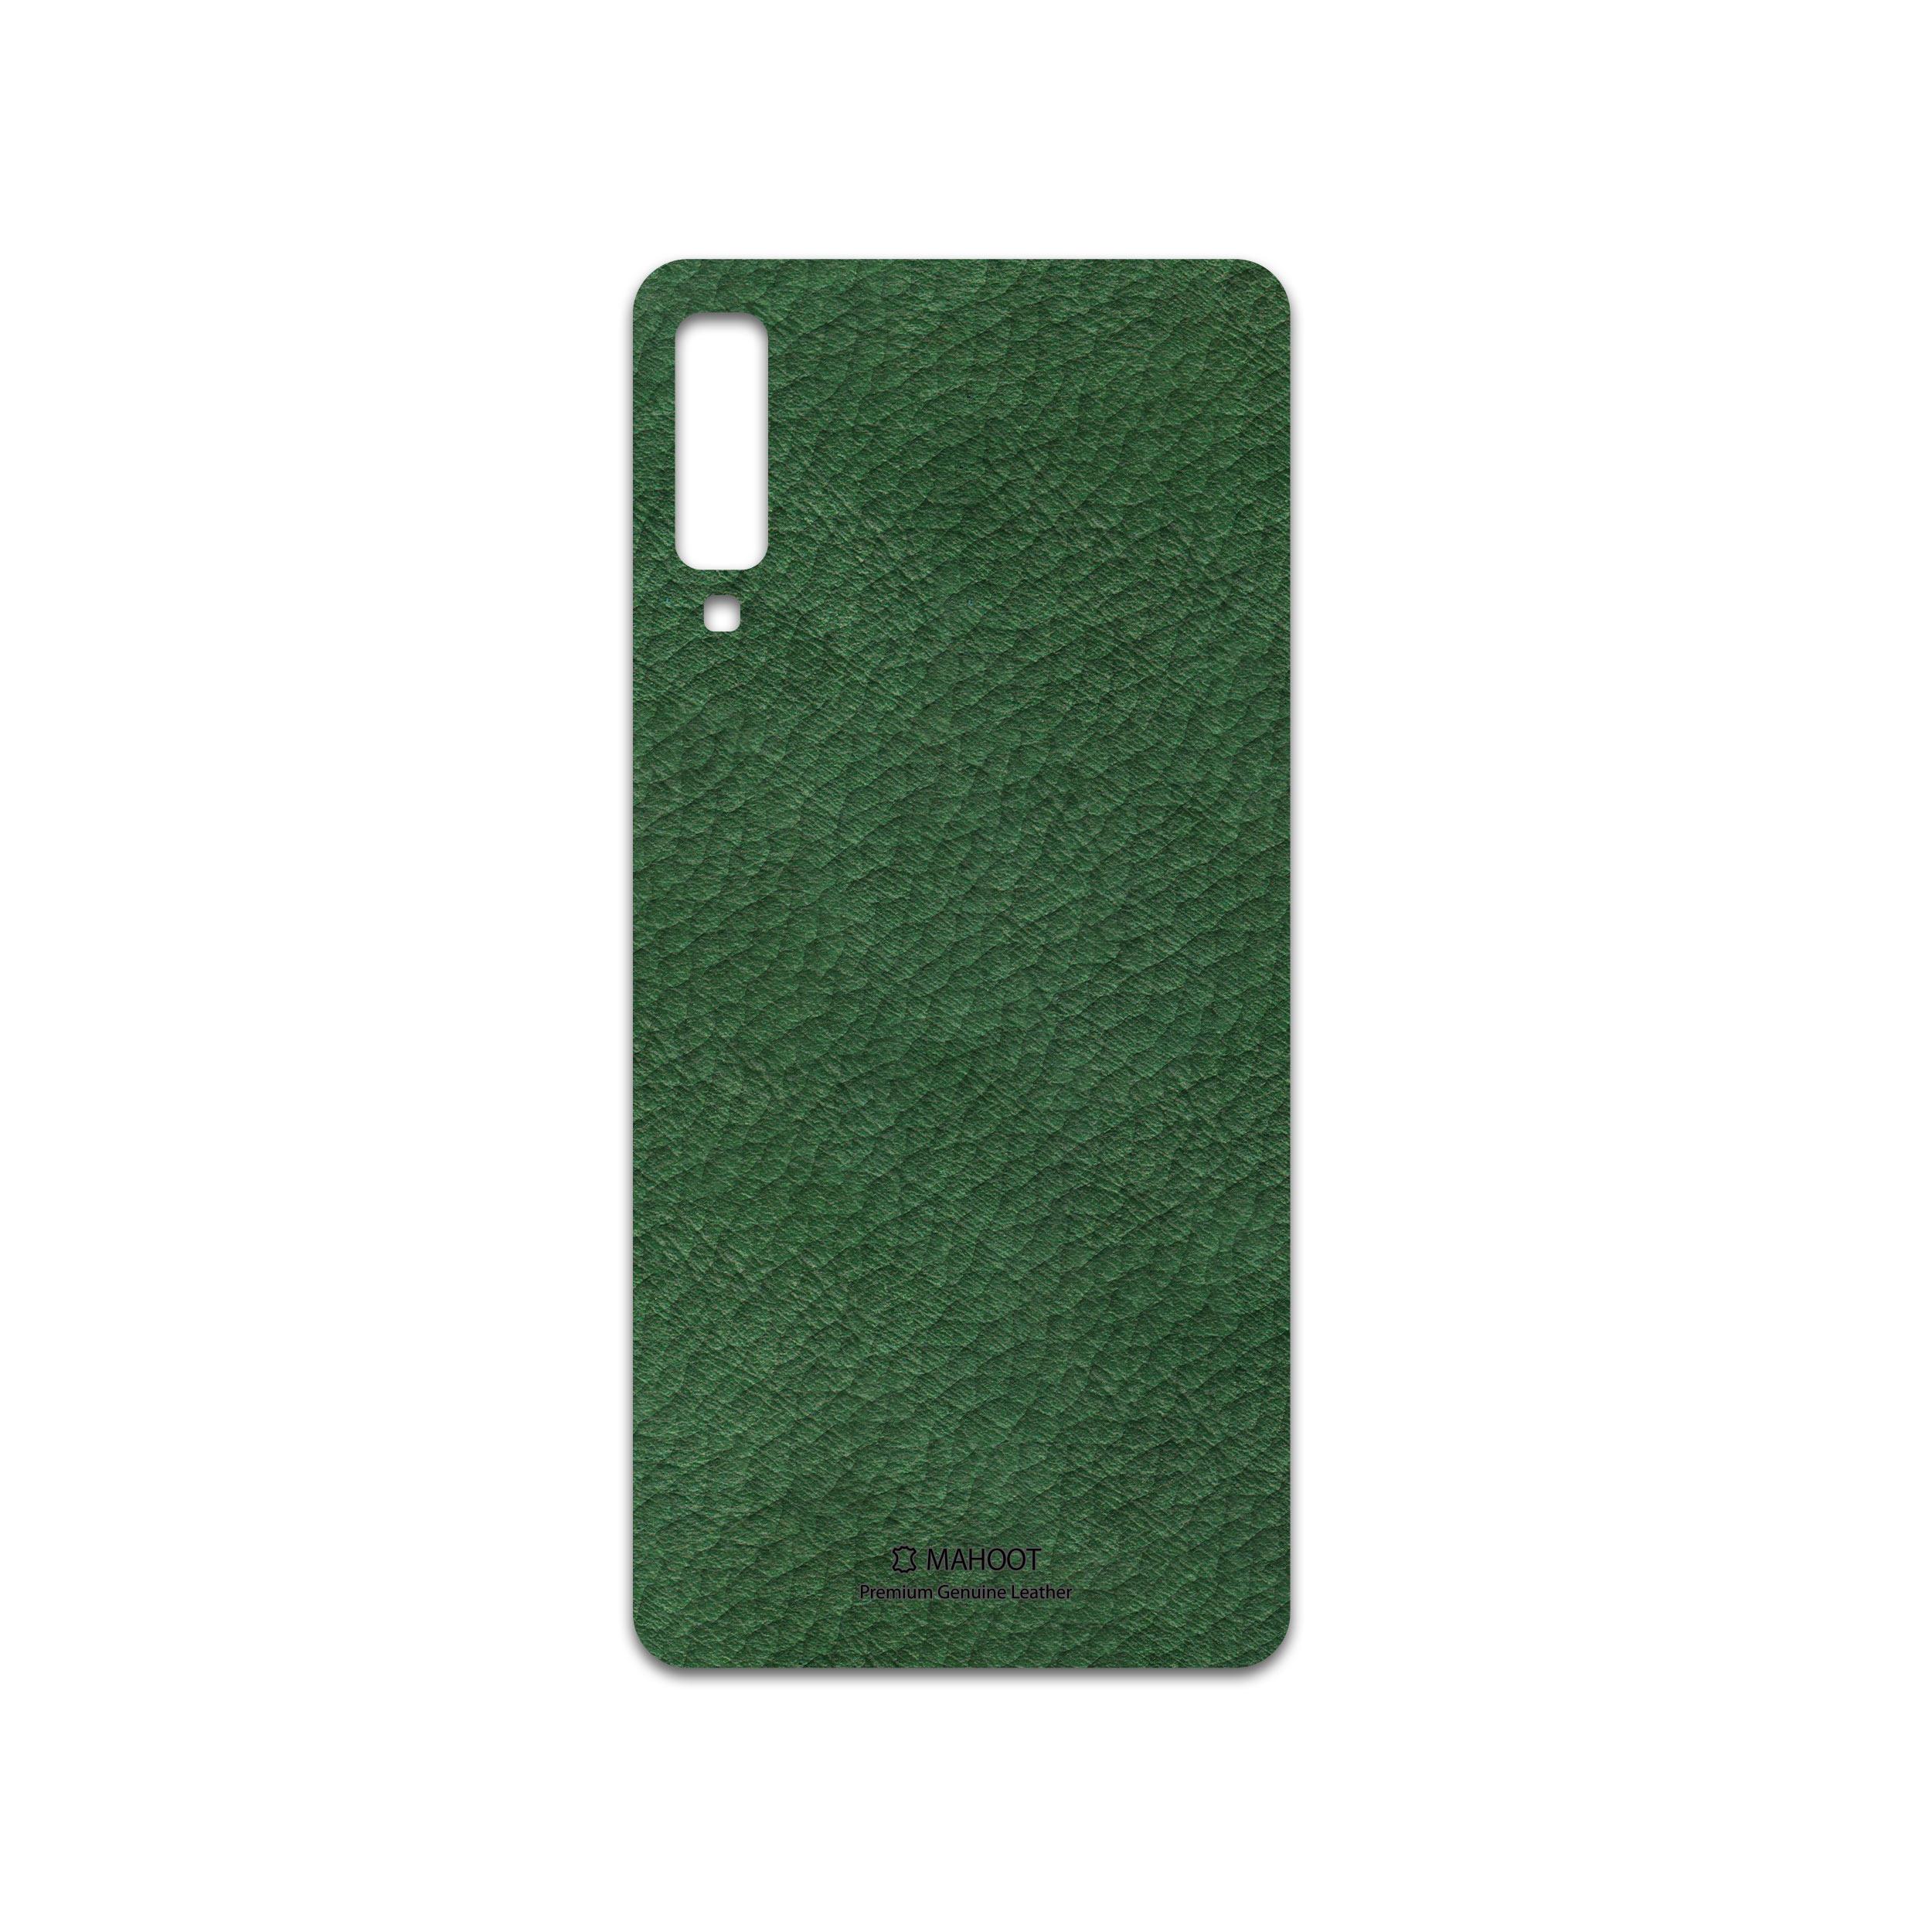 برچسب پوششی ماهوت مدل Green-Leather مناسب برای گوشی موبایل سامسونگ Galaxy A7 2018